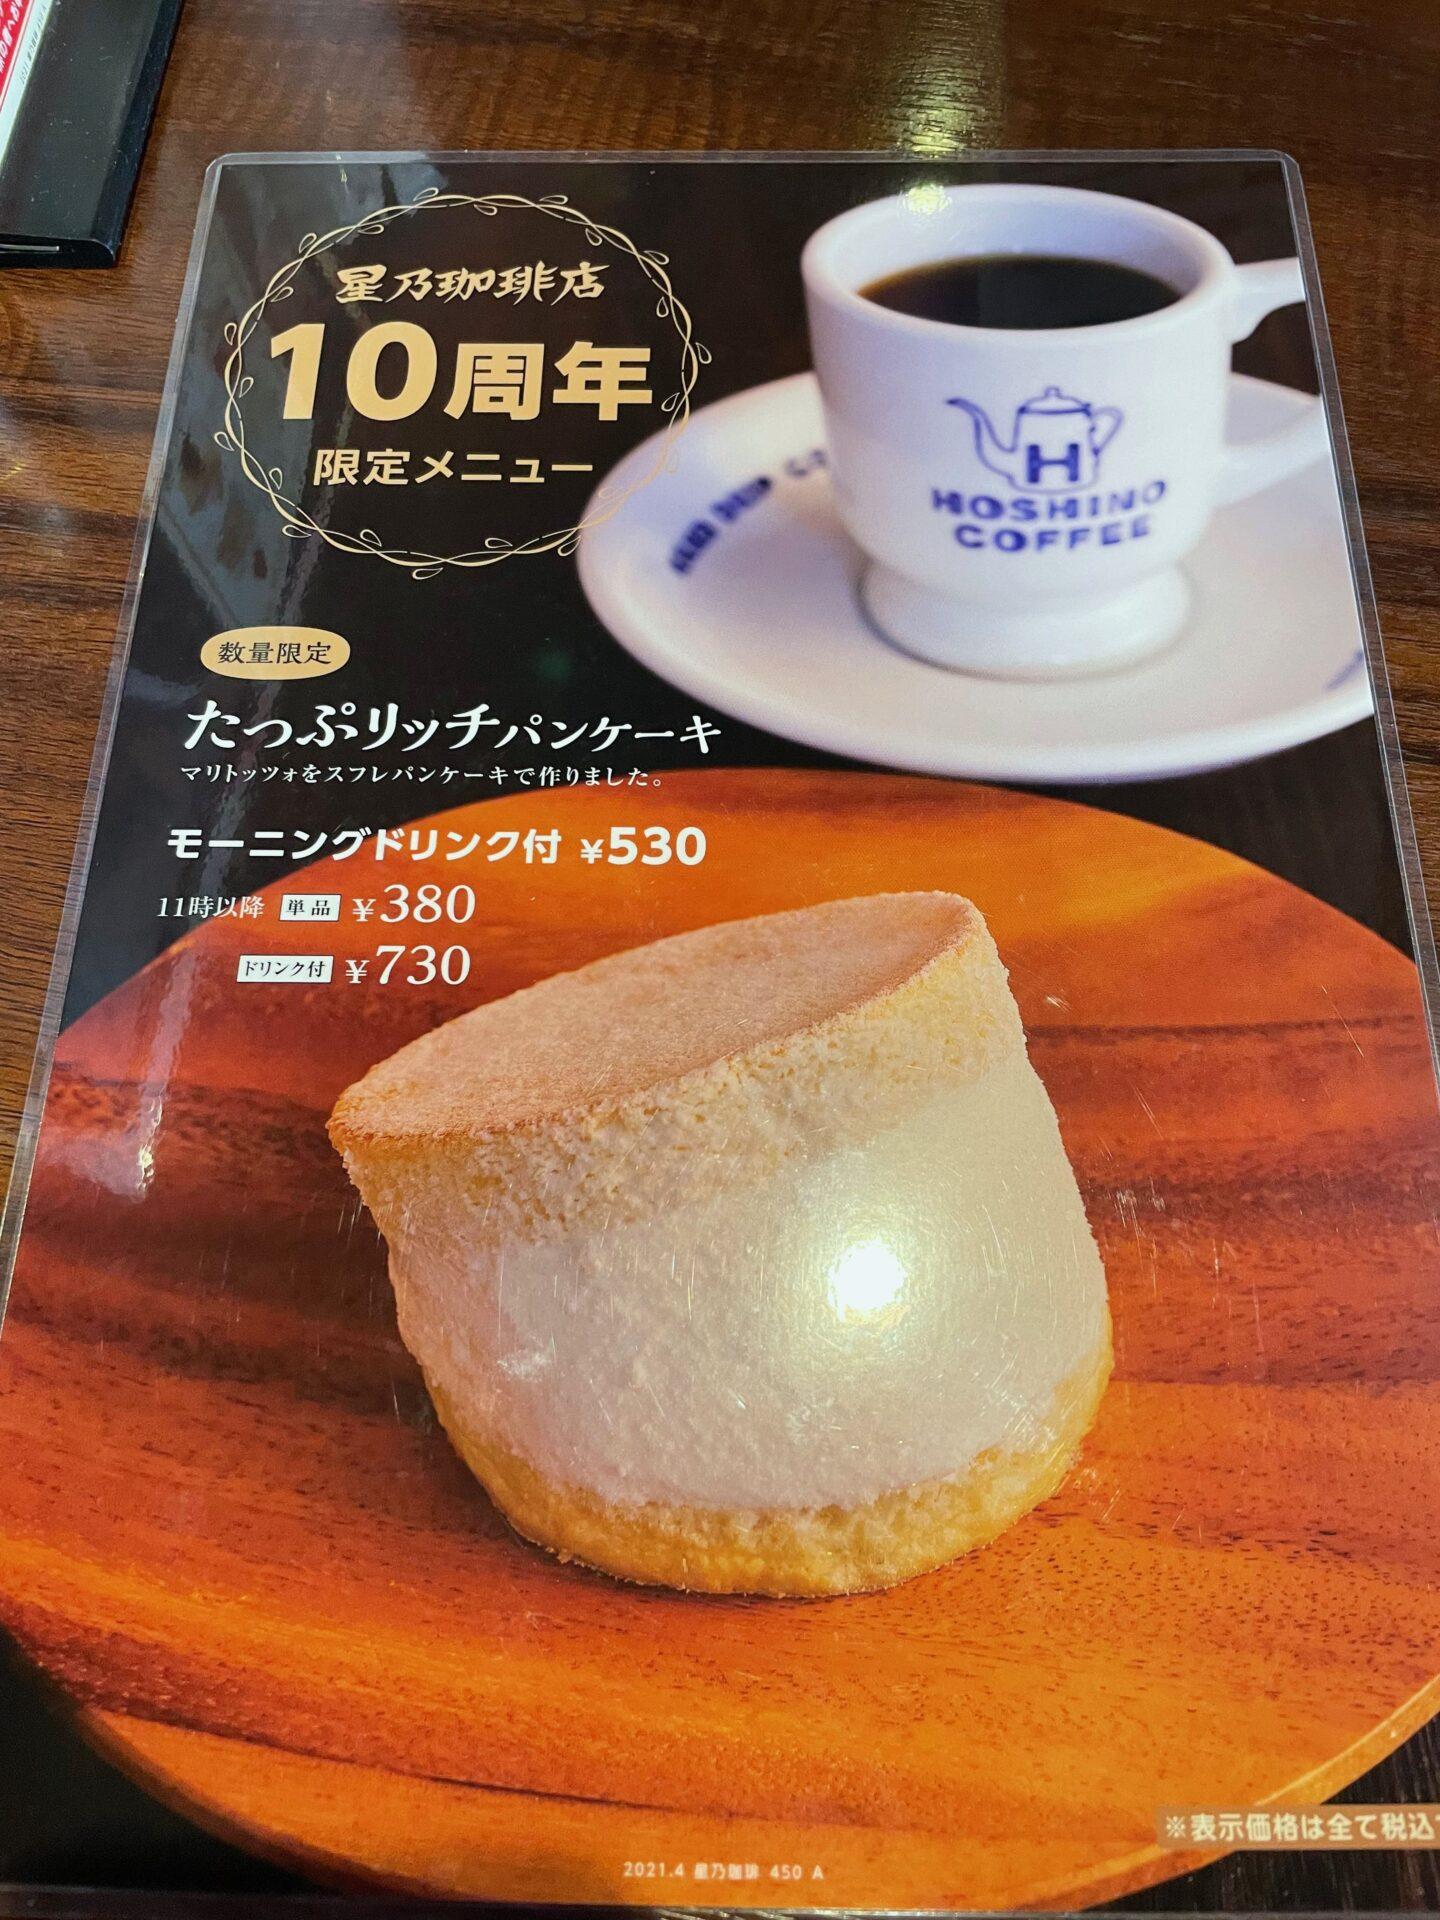 星野珈琲 たっぷリッチパンケーキ